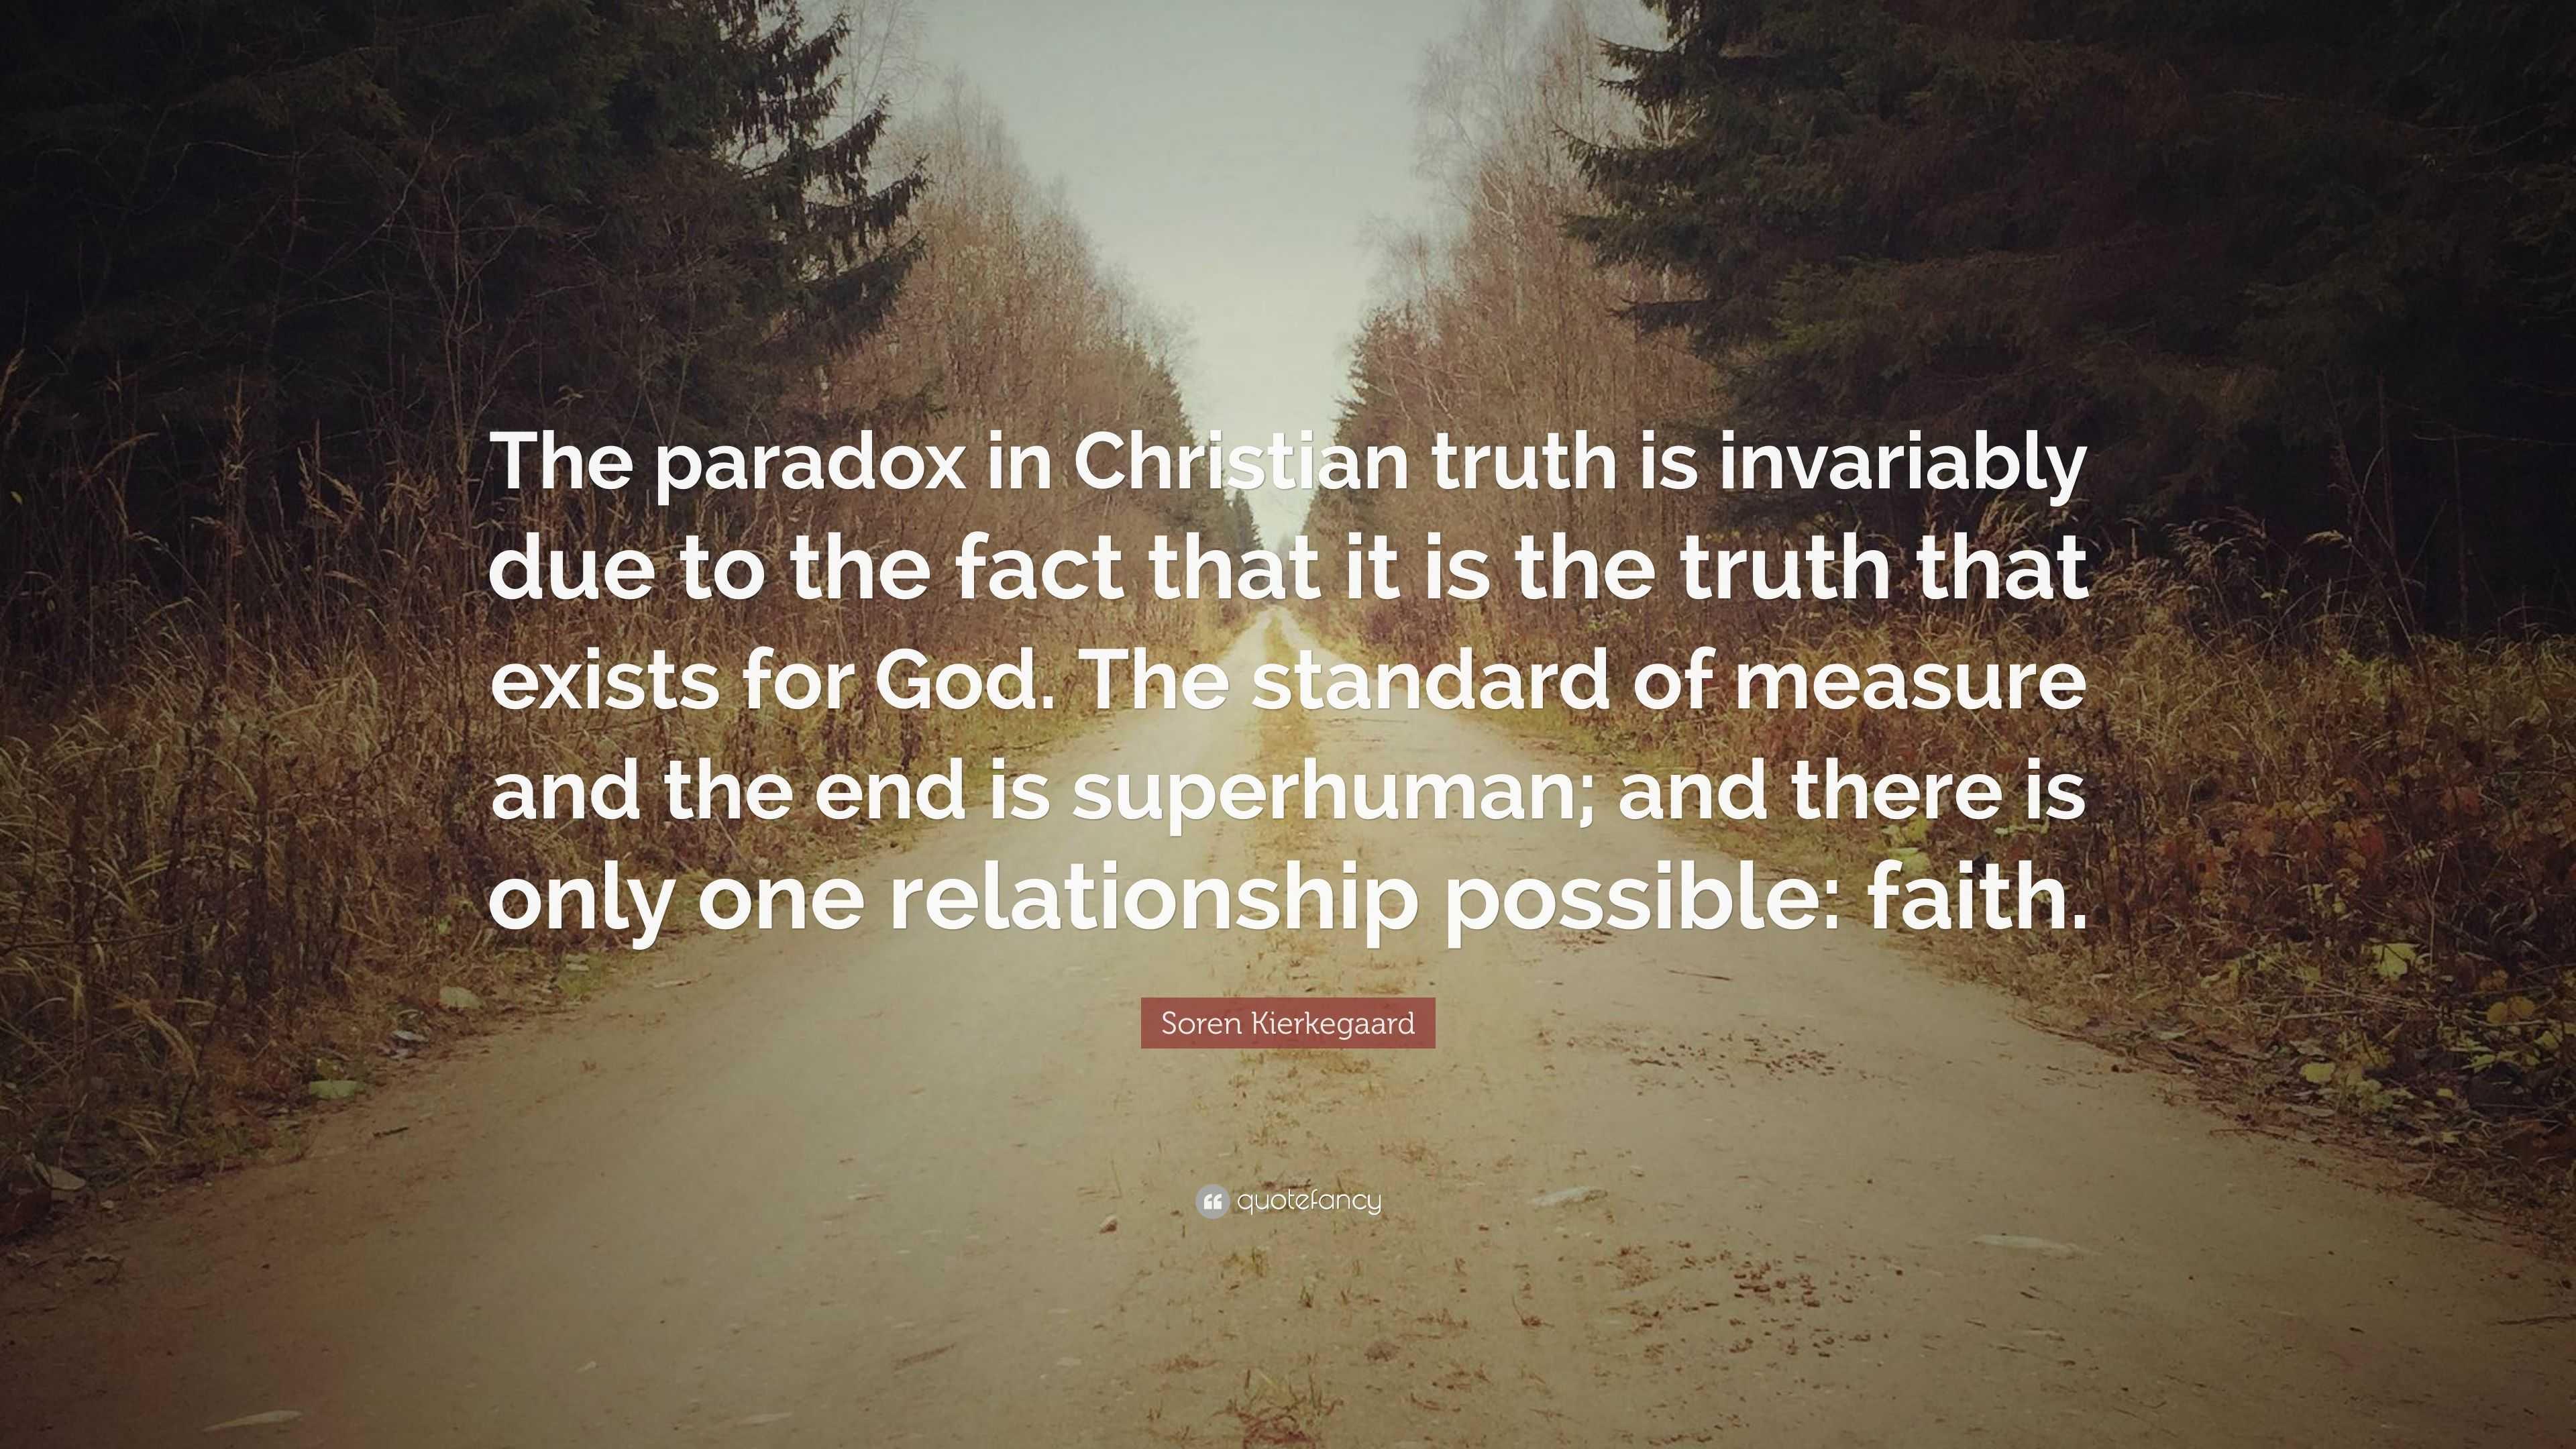 """Soren Kierkegaard Quotes 100 Wallpapers: Soren Kierkegaard Quote: """"The Paradox In Christian Truth"""